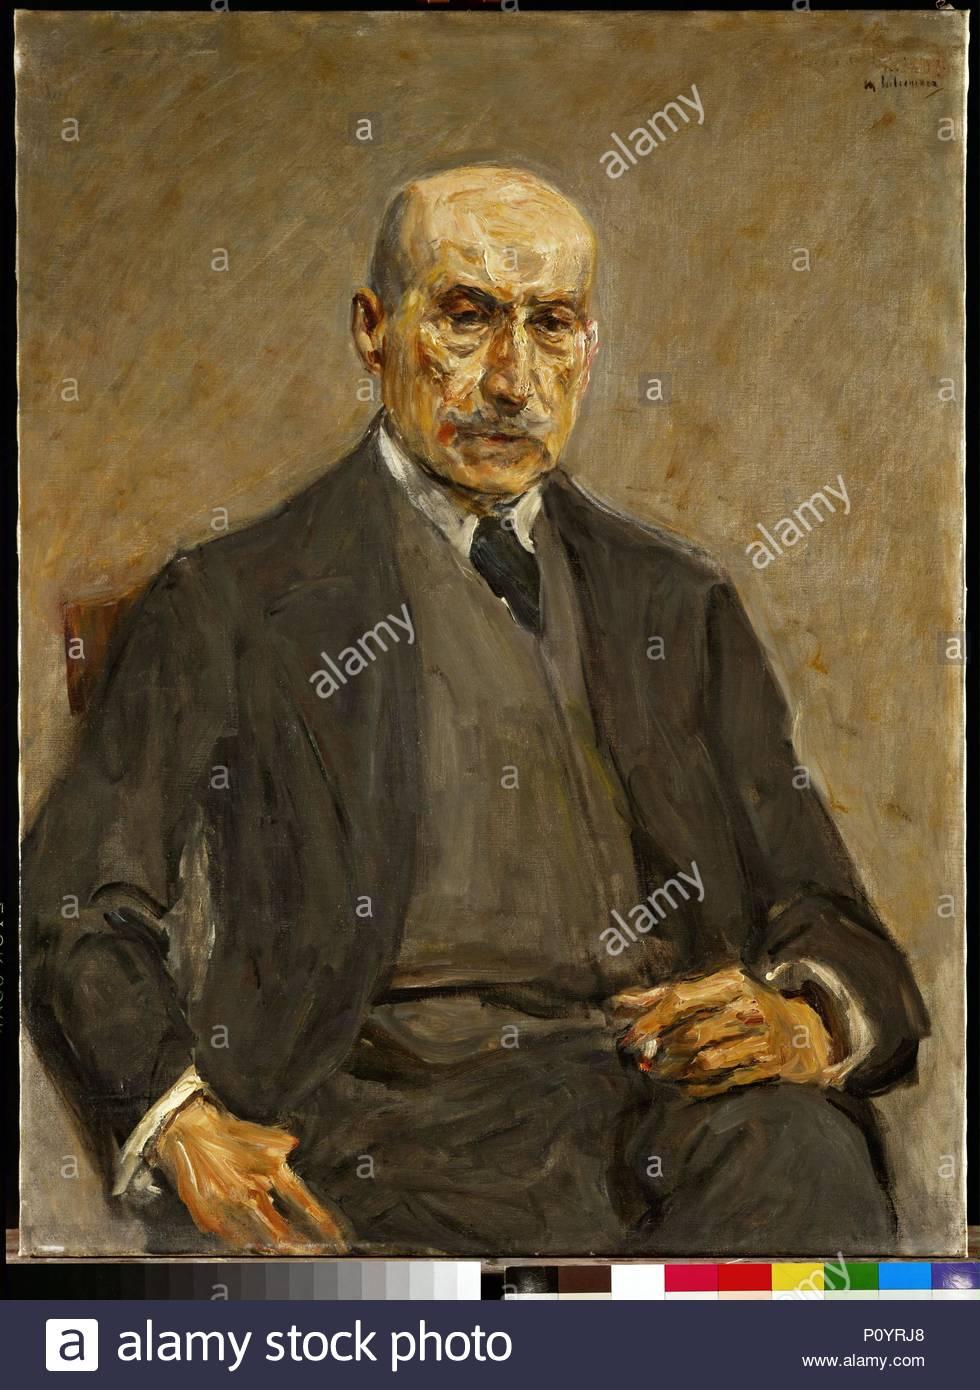 Self-portrait. Author: Max Liebermann (1847-1935). Location: Museum der Bildenden Kuenste, Leipzig, Germany. - Stock Image